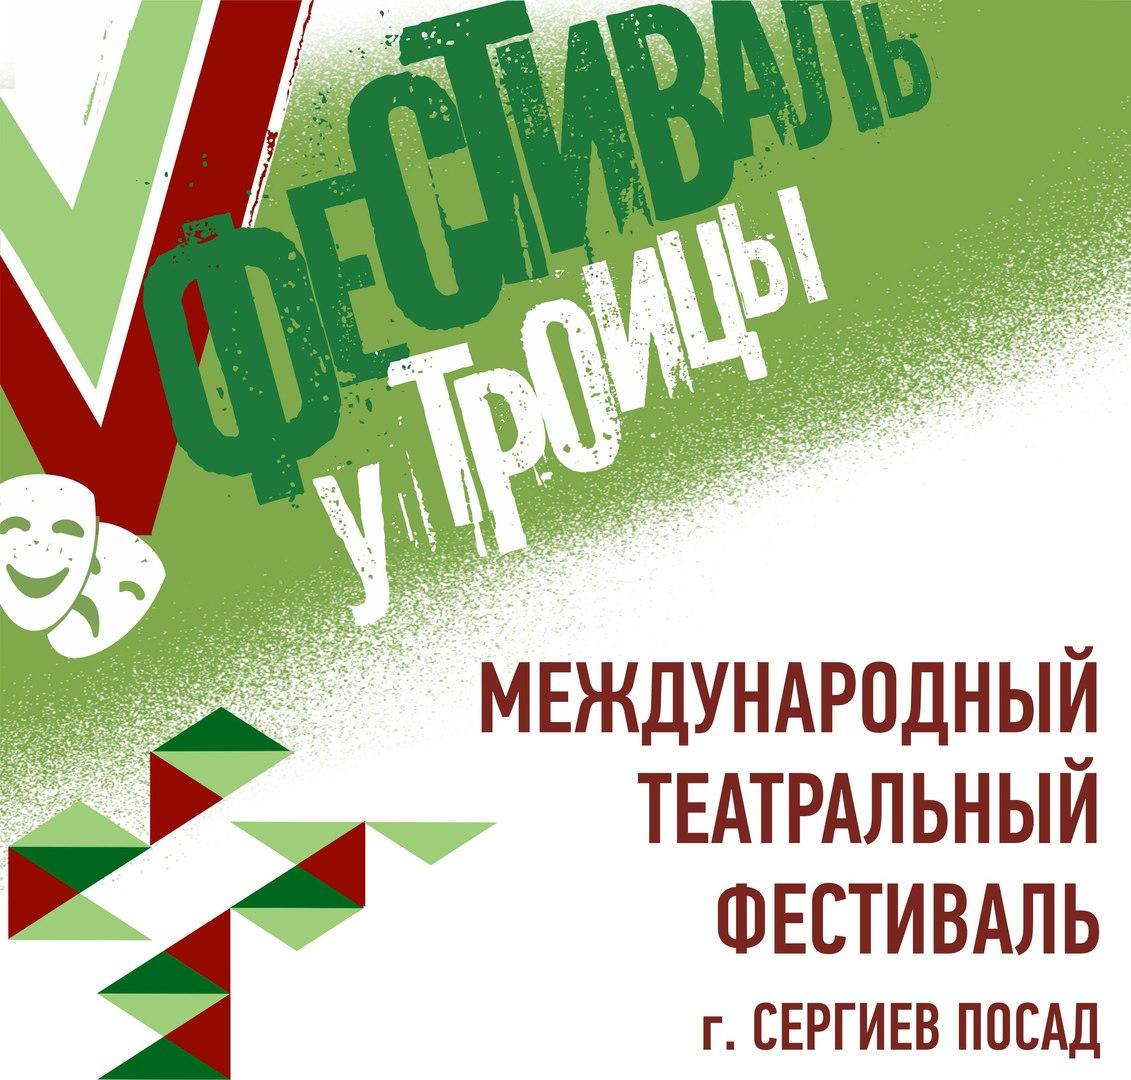 Афиша Сергиев Посад V Международный театральный фестиваль У Троицы